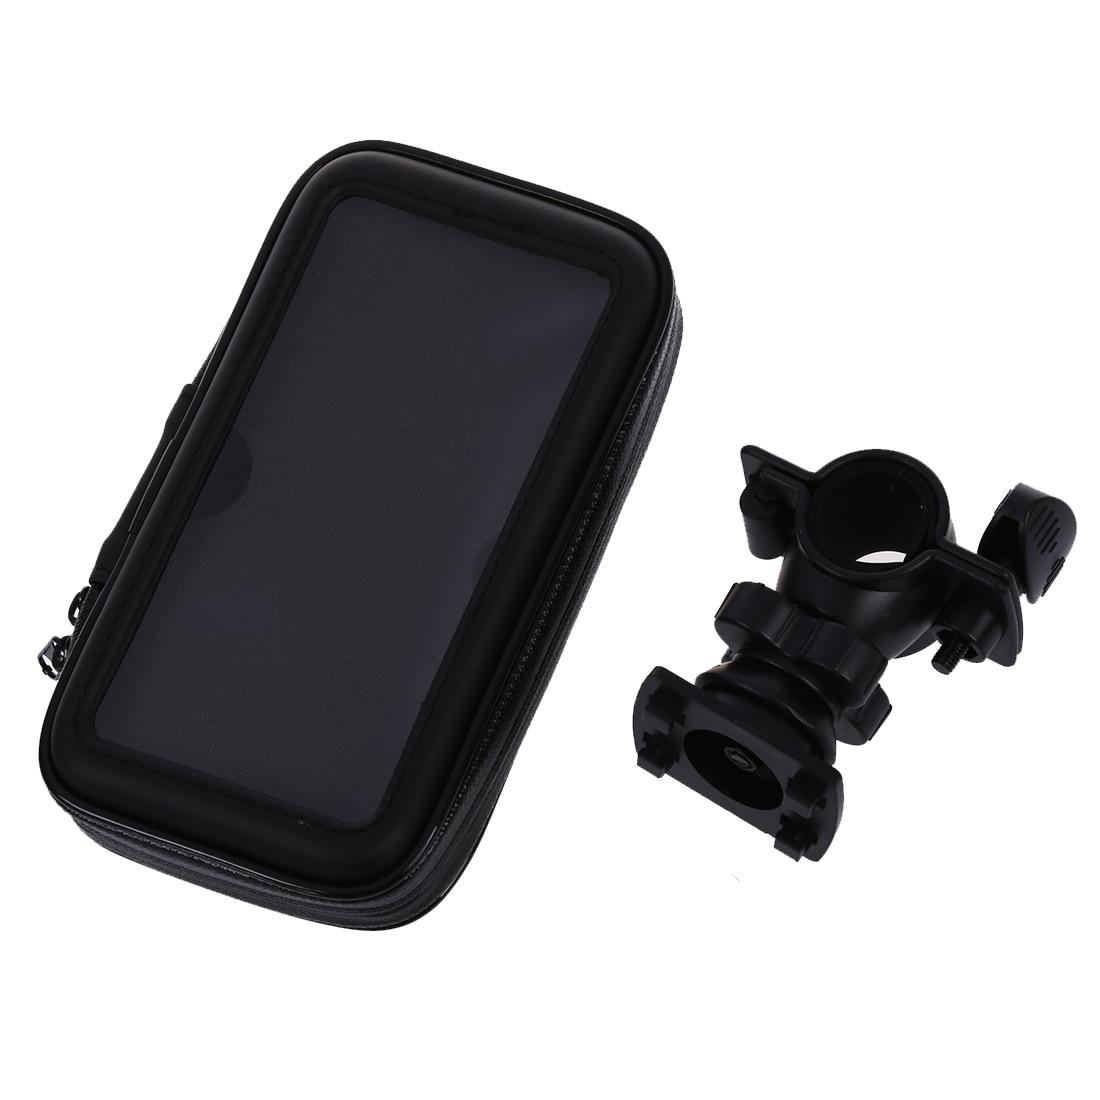 <font><b>I9300</b></font> Waterproof Bike Mount Holder for for Samsung Galaxy S3 <font><b>I9300</b></font> HTC One X M7 S4 I9500 Handlebar Stand Bag Case,waterproof